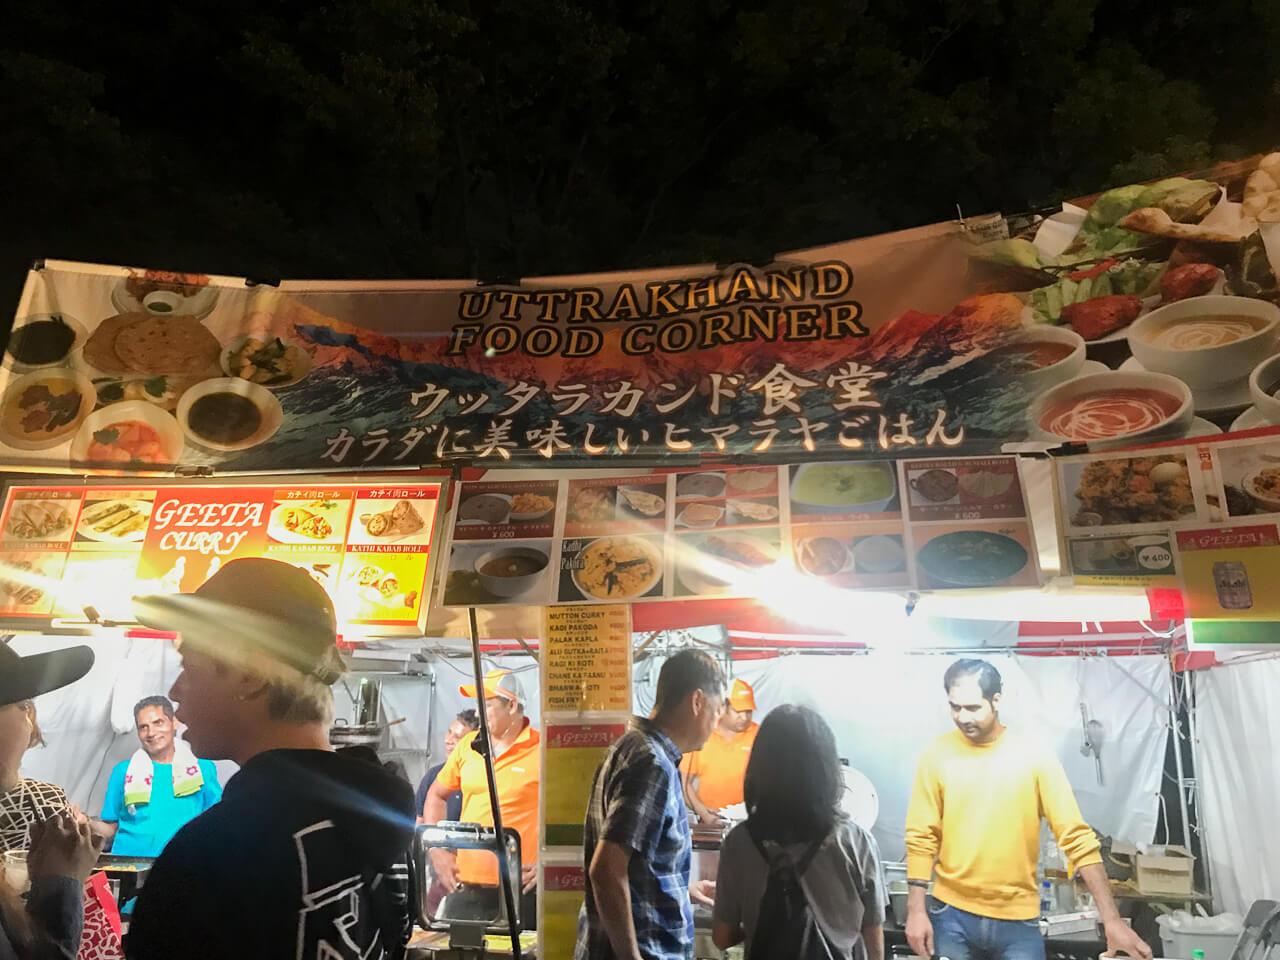 ナマステインディア2019 ウッタラカンド食堂